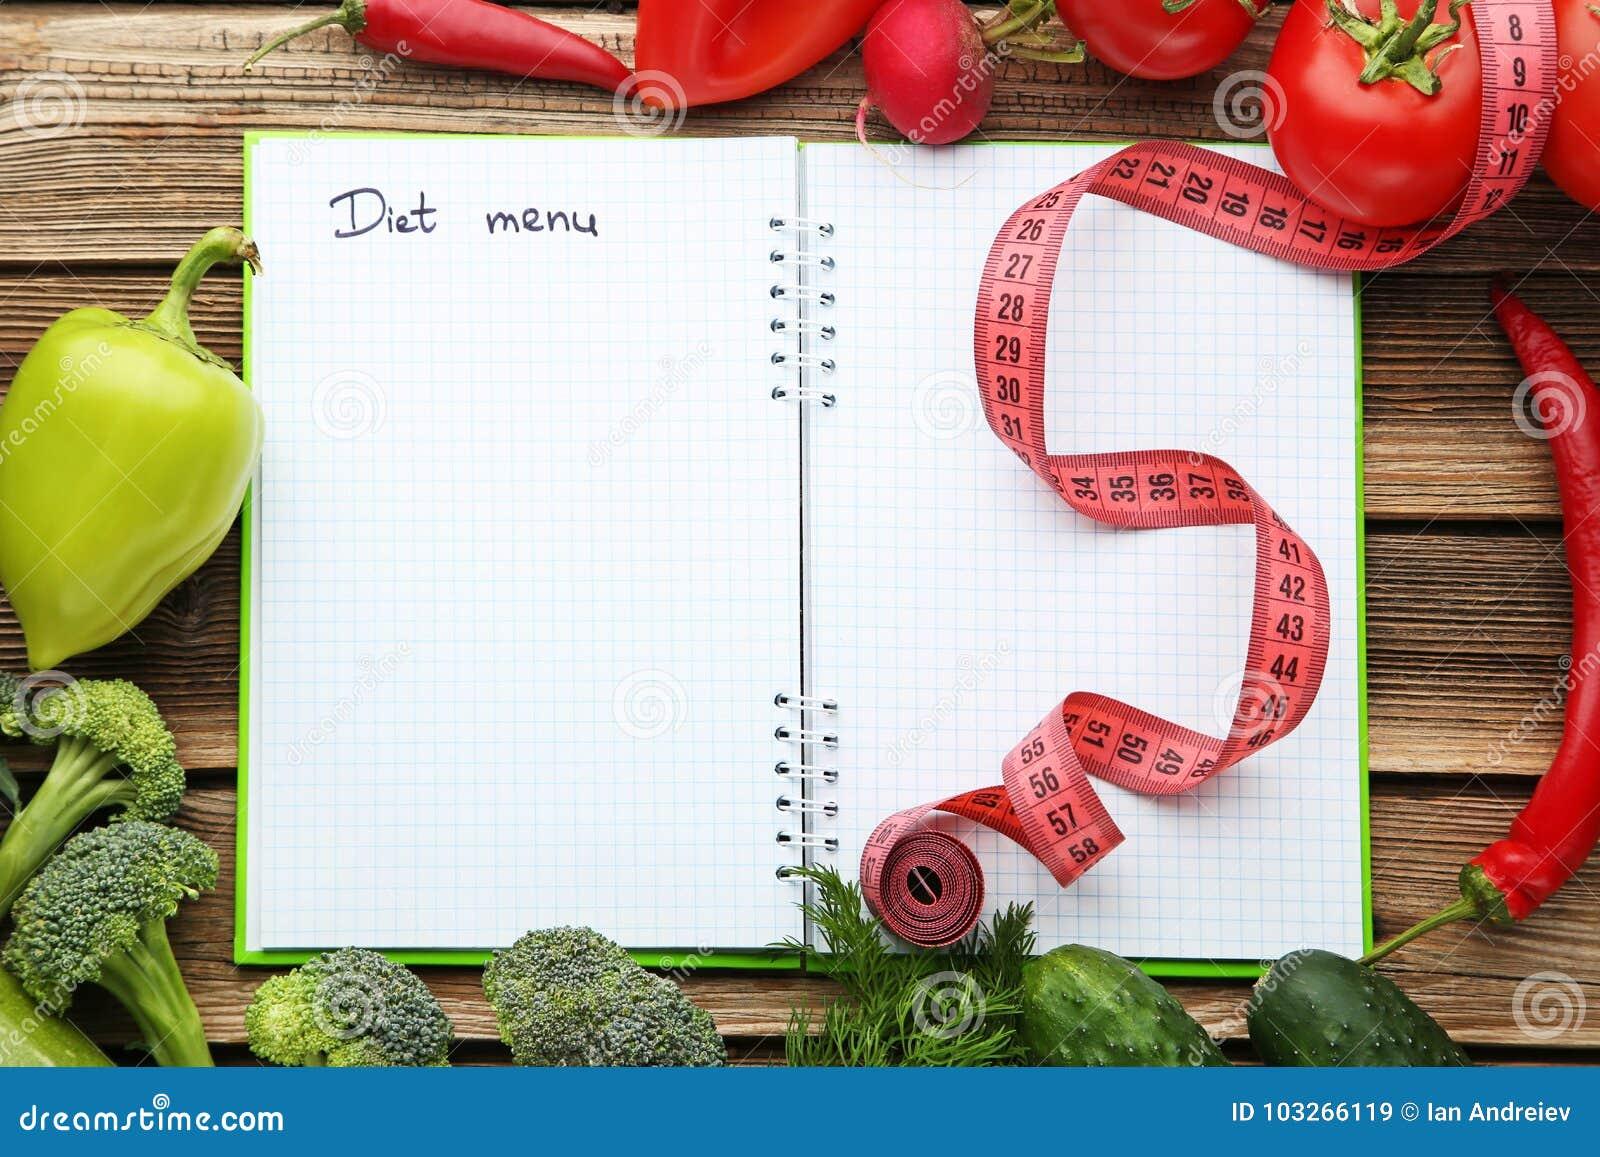 Diätmenü auf Papier mit Gemüse